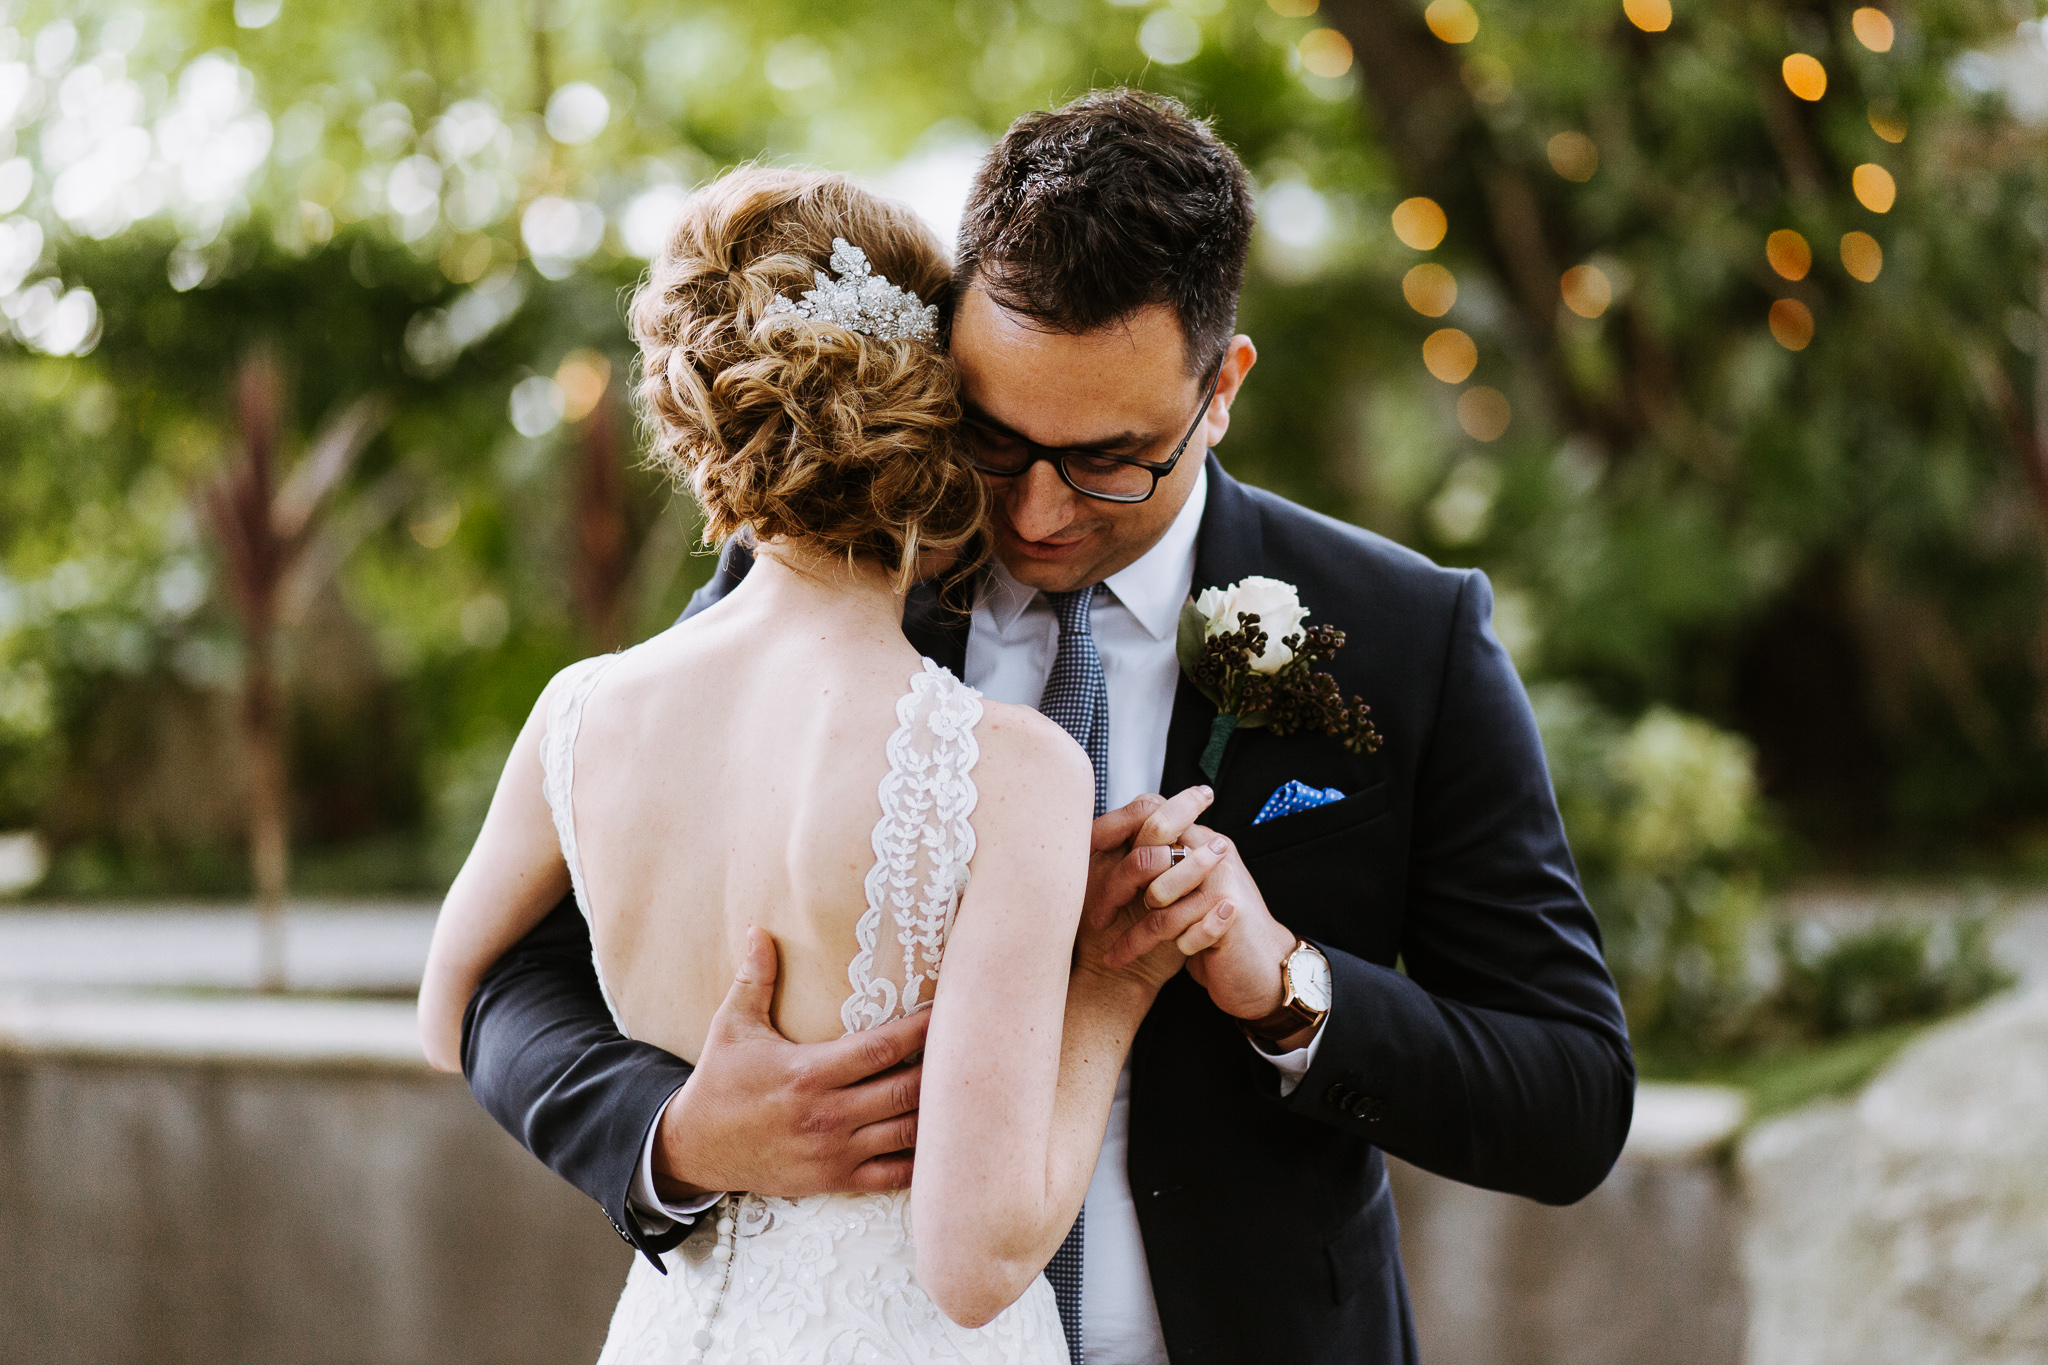 BayArea-Wedding-Photographer-58.jpg